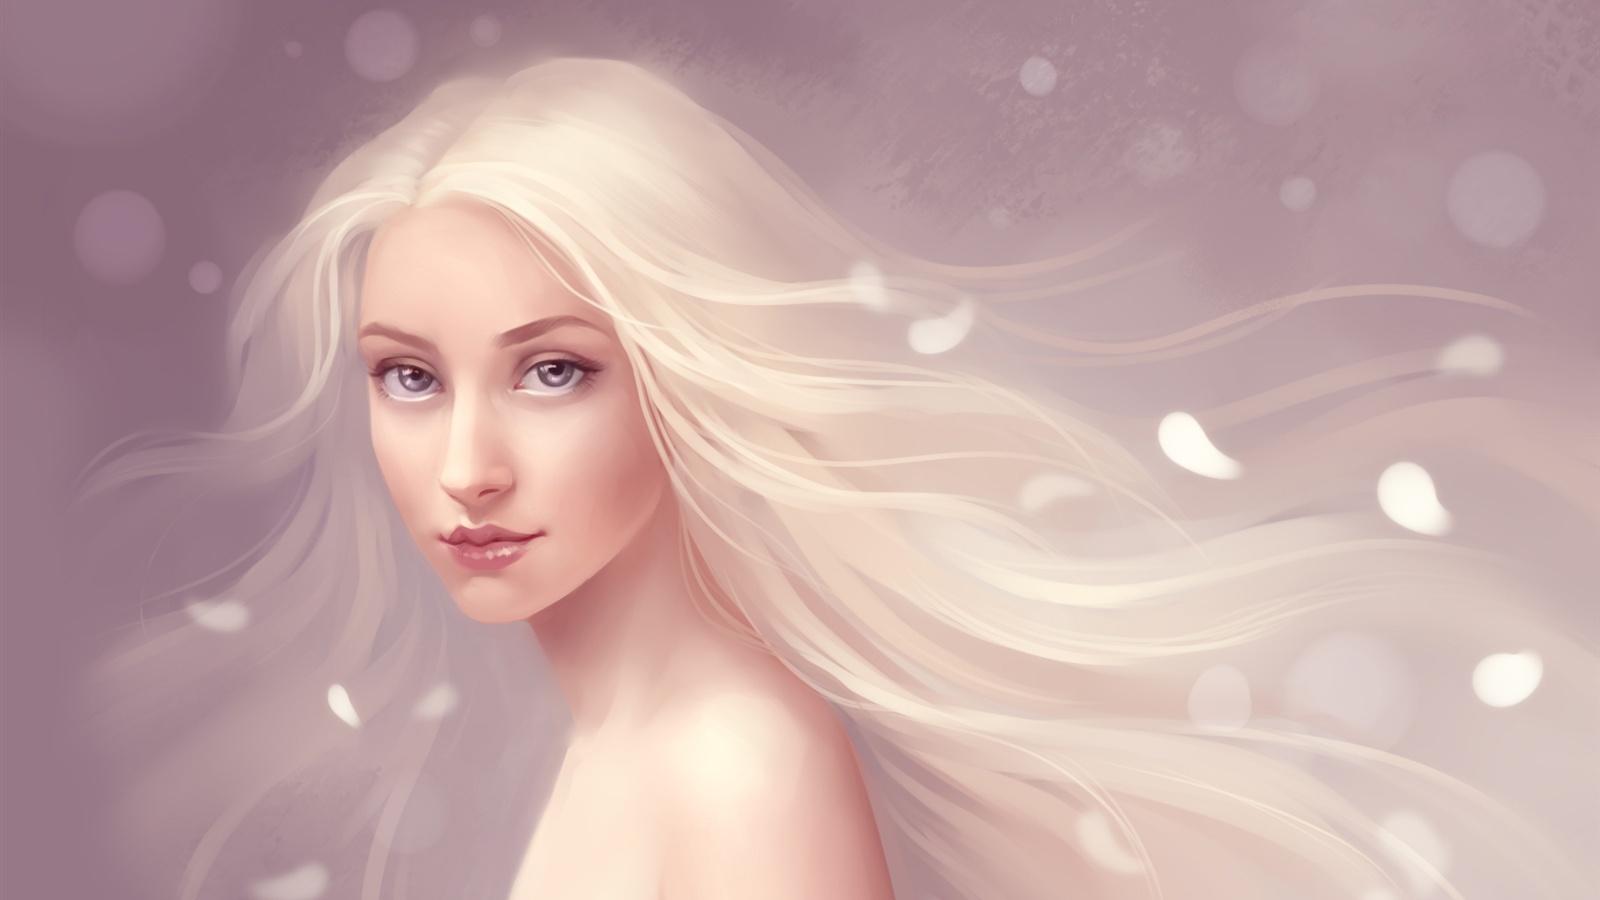 純粋なファンタジーの女の子の流れる髪 壁紙 - 1600x900   純粋なファンタジーの女の子